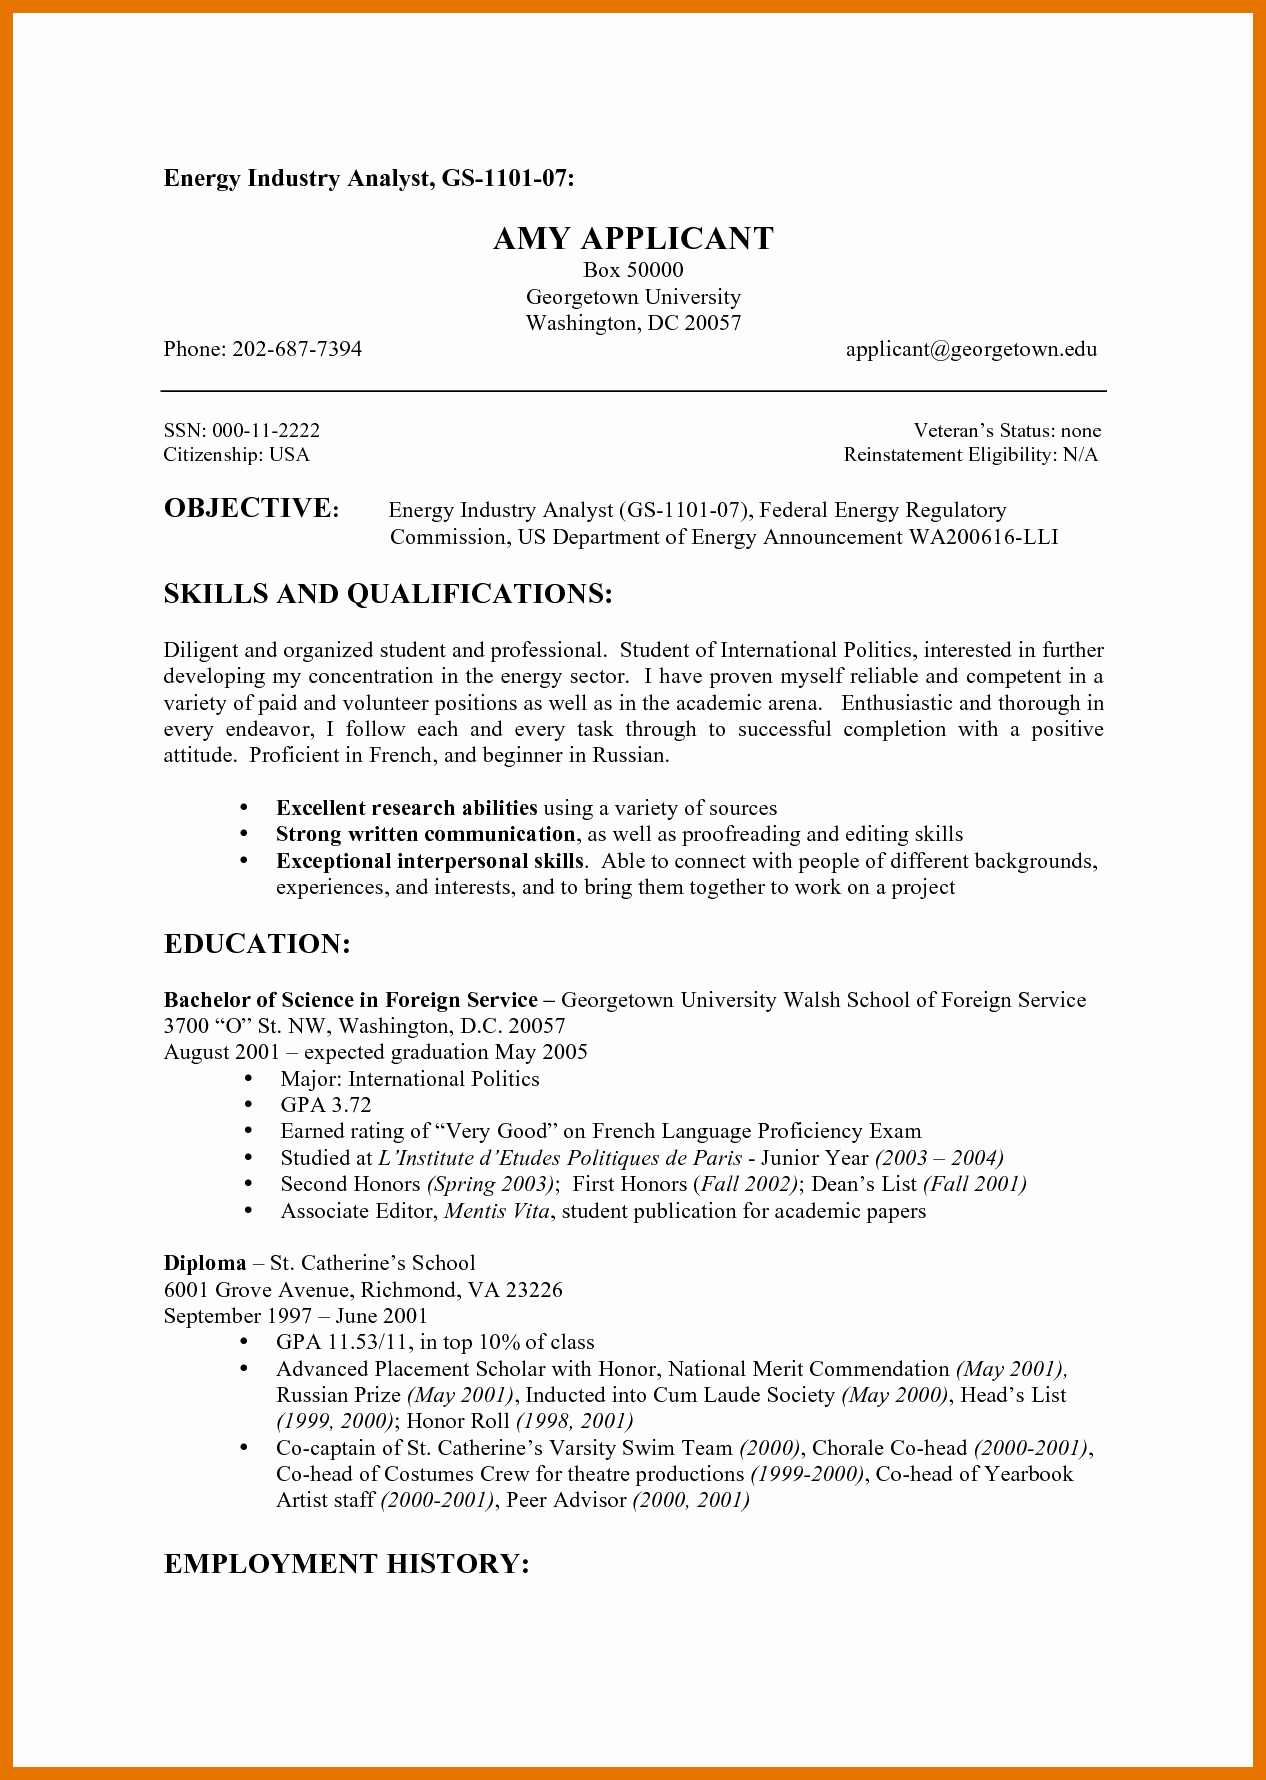 Federal Resume Template Federal Resume Template Fbi Creative Fbi Resume Template Also Military Resume Template Best Of Chic Military Spouse Federal Of Fbi Resume Template federal resume template|wikiresume.com